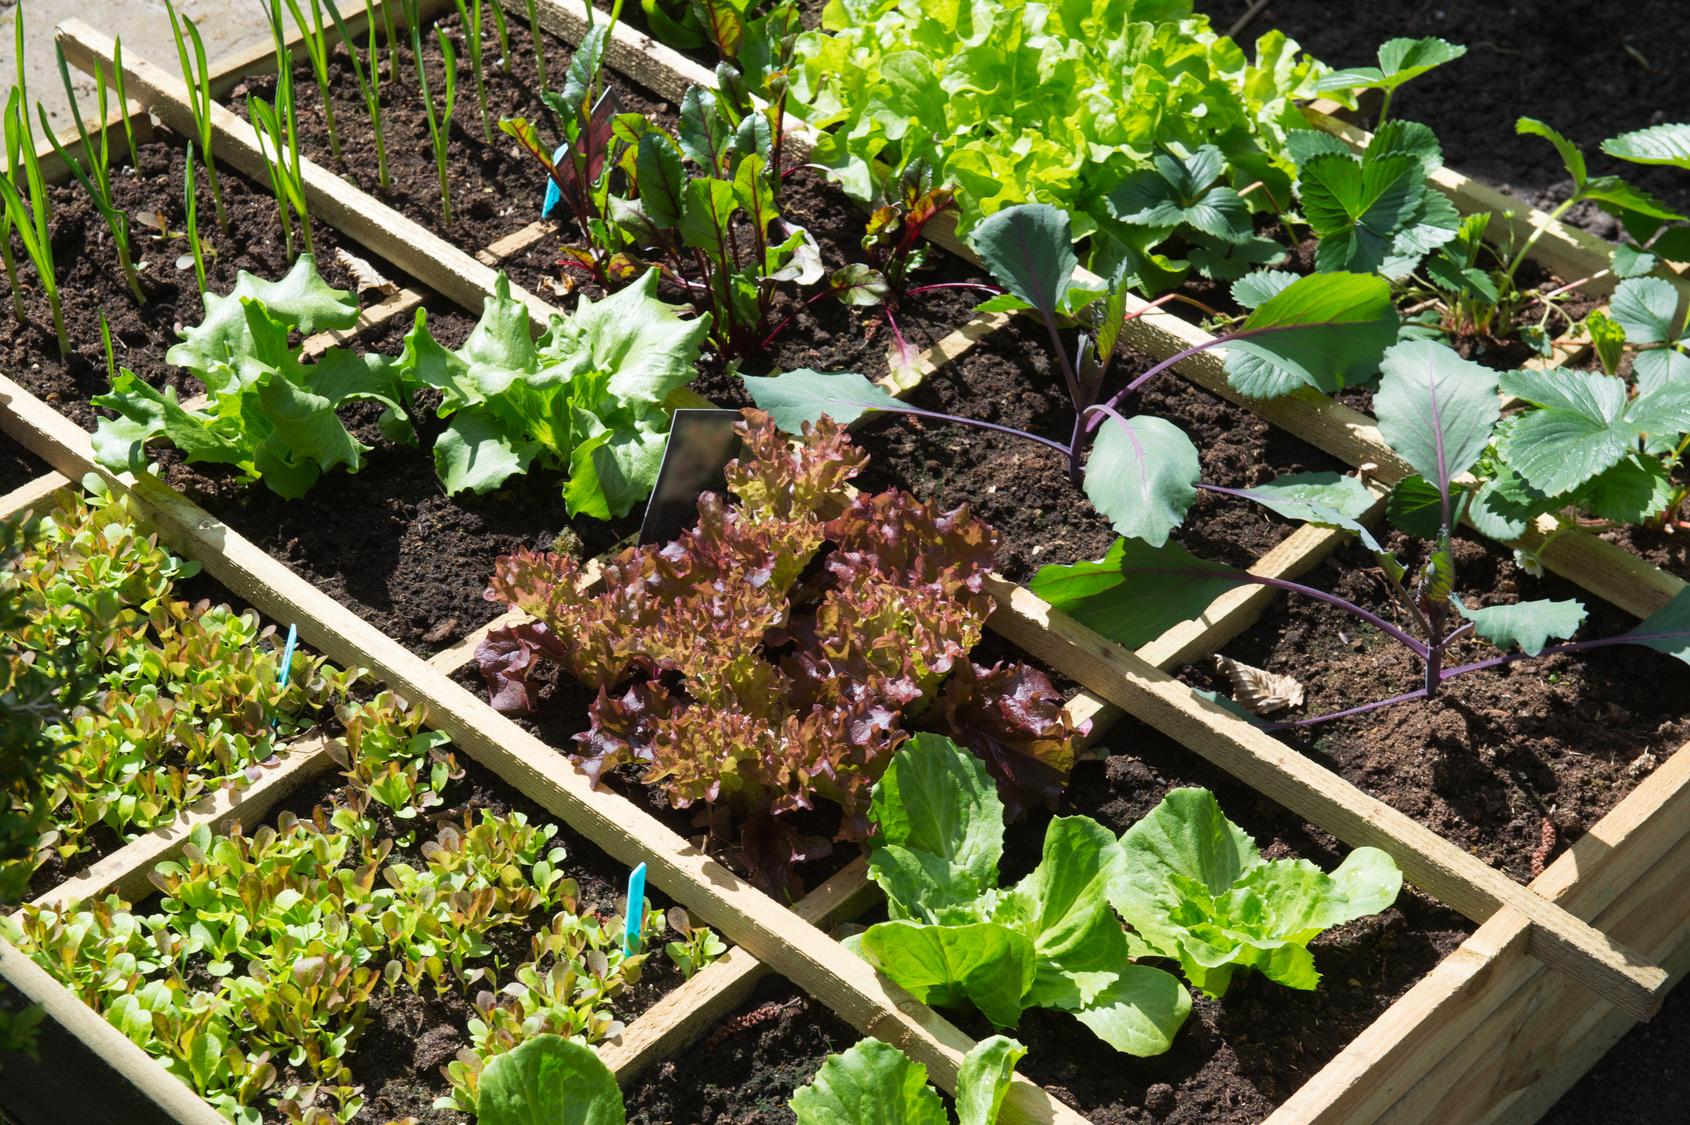 овощной сад на небольшой площади из деревянного ящика